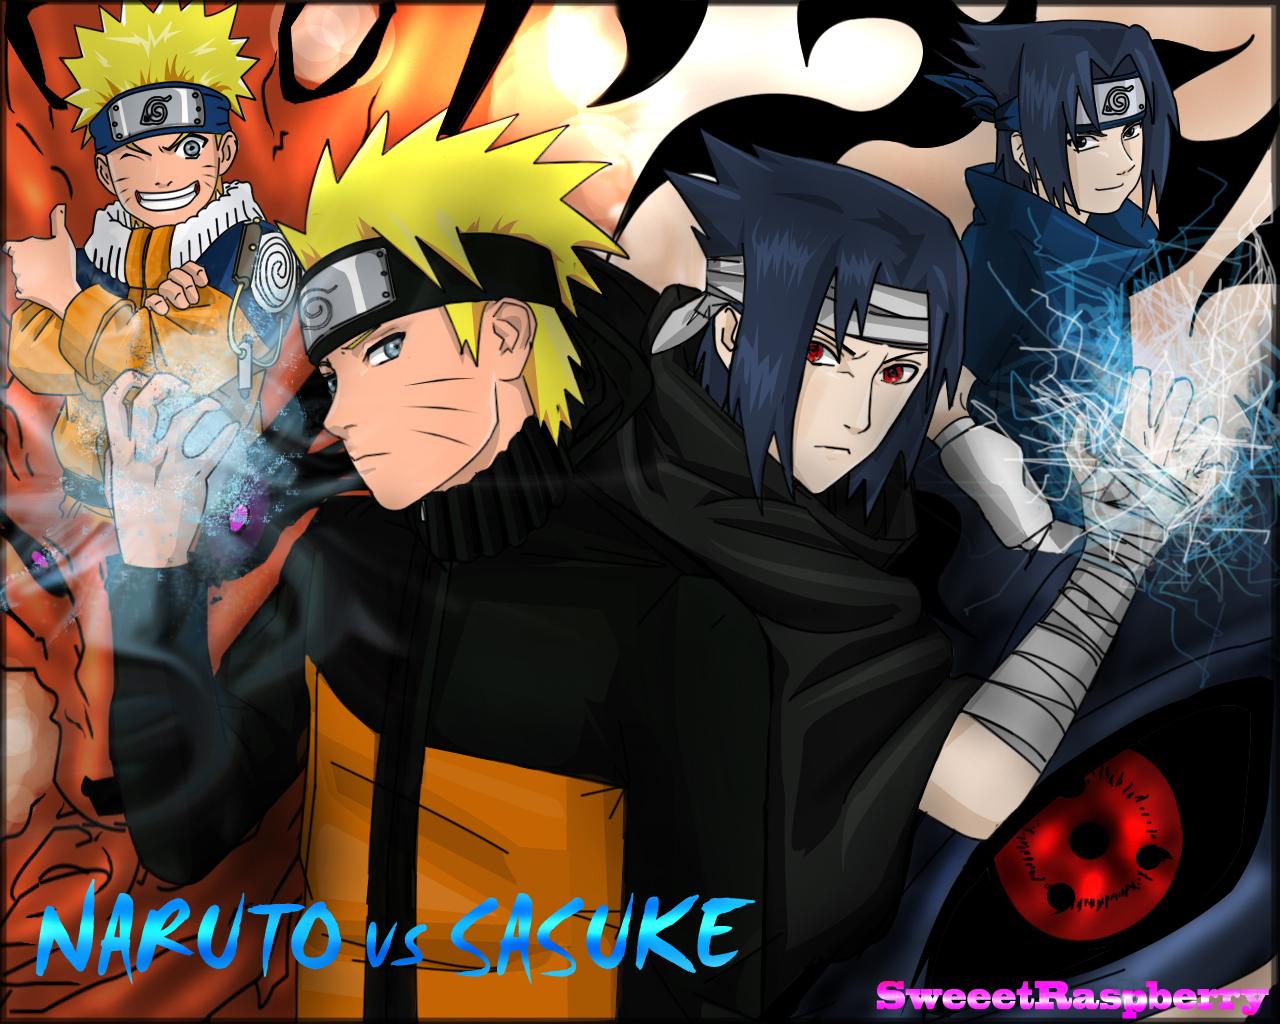 Personajes de naruto naruto uzumaki - Naruto as sasuke ...